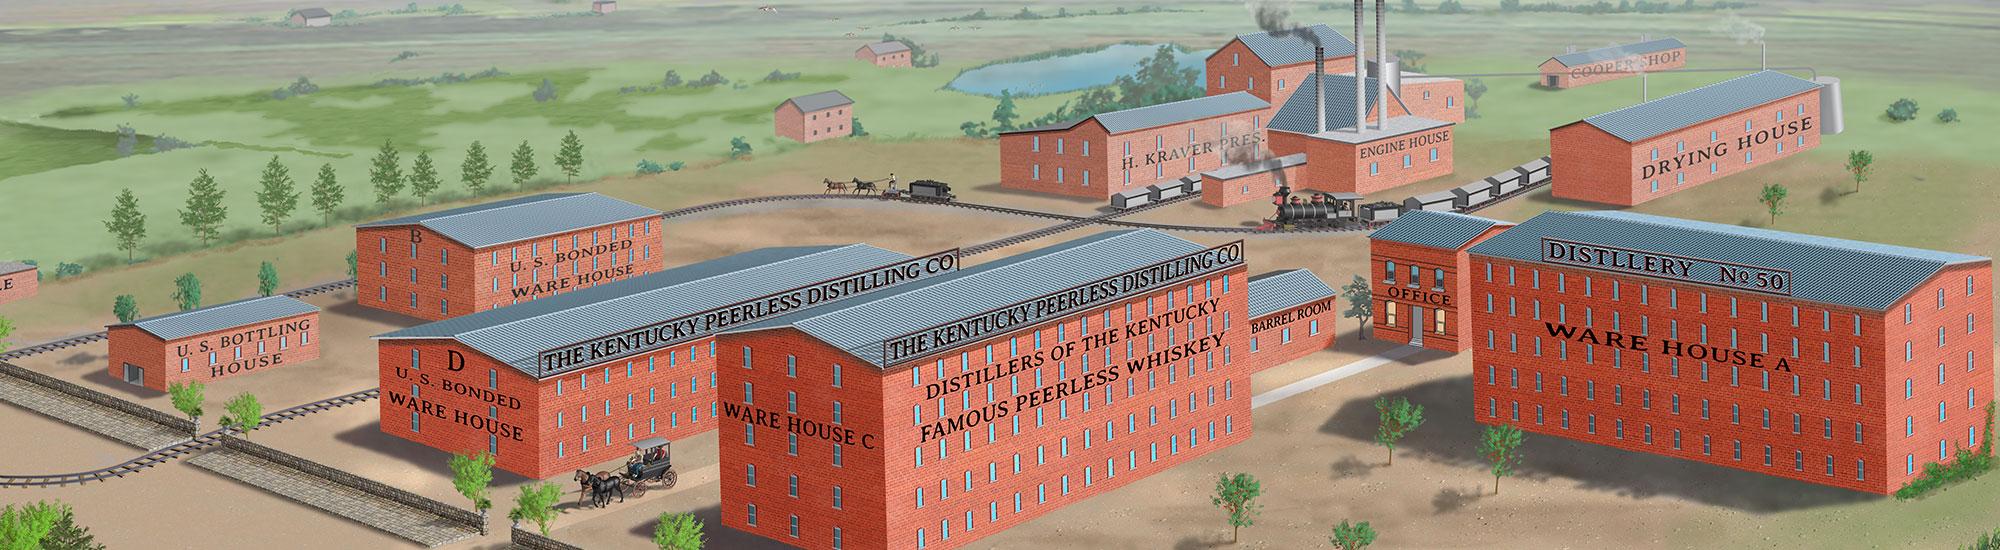 Original Peerless Distillery